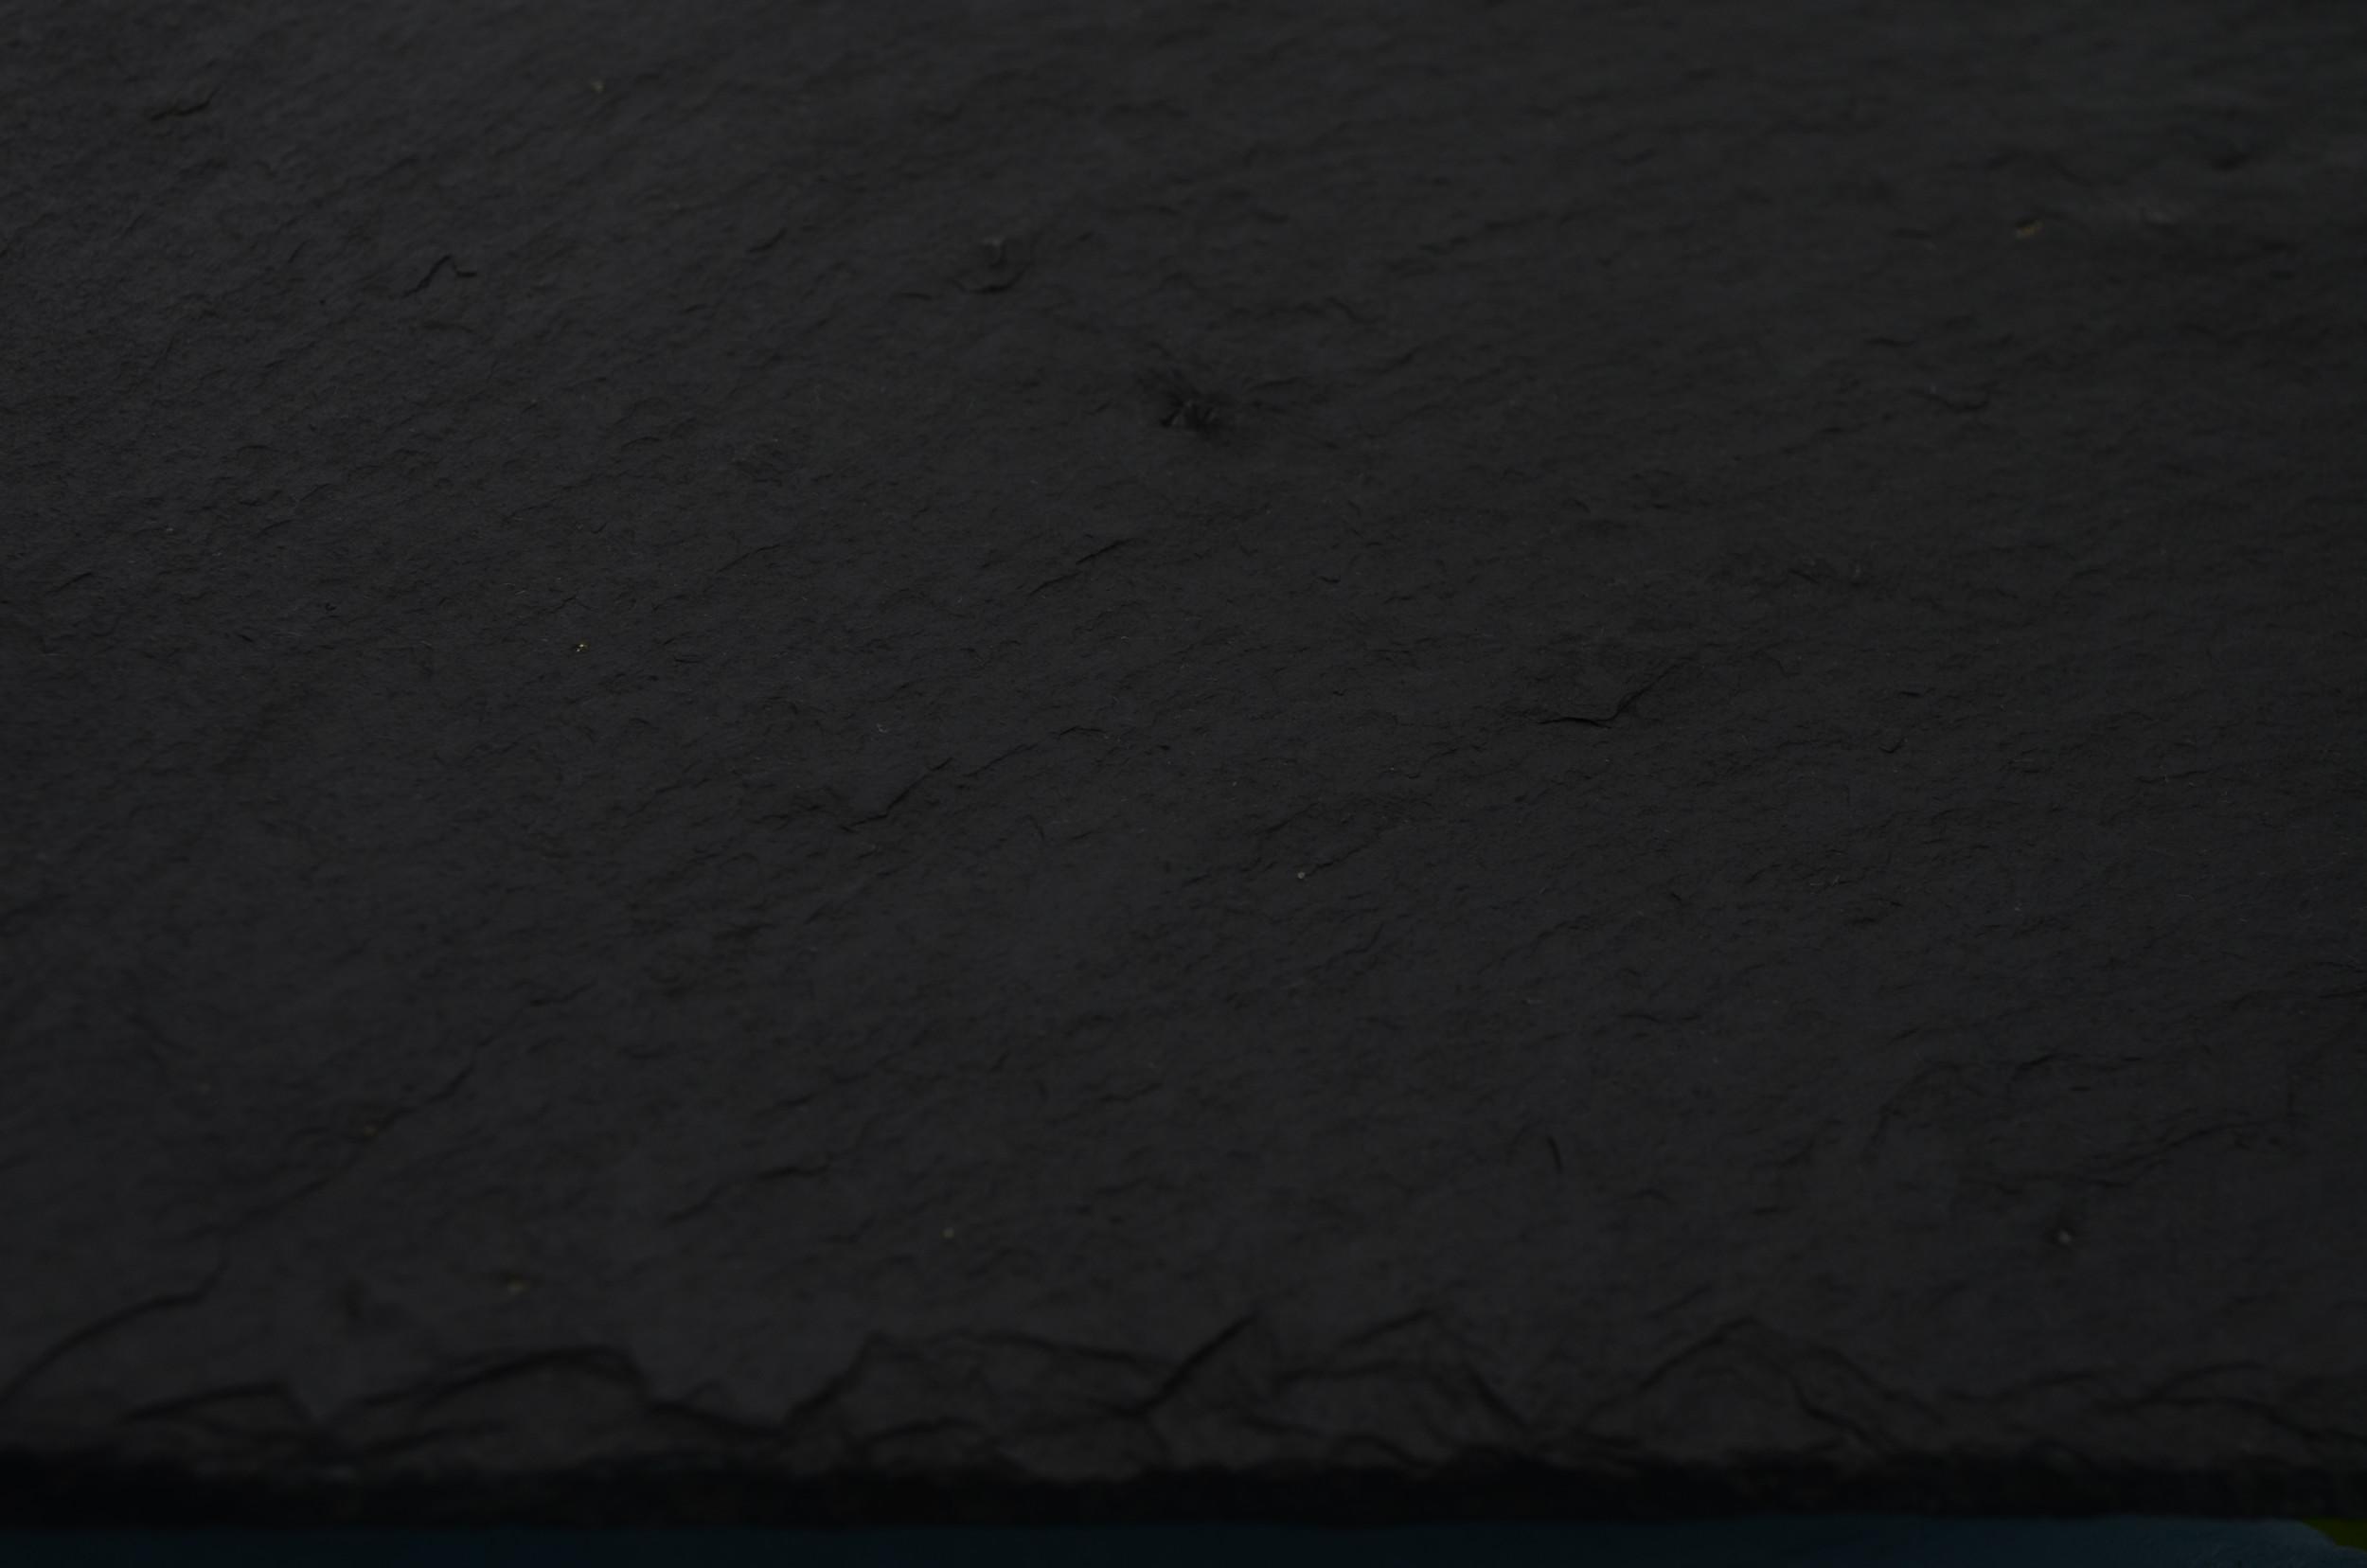 37012-amazing-schwarz-hintergrundbilder-2500x1656 - Ihr ...